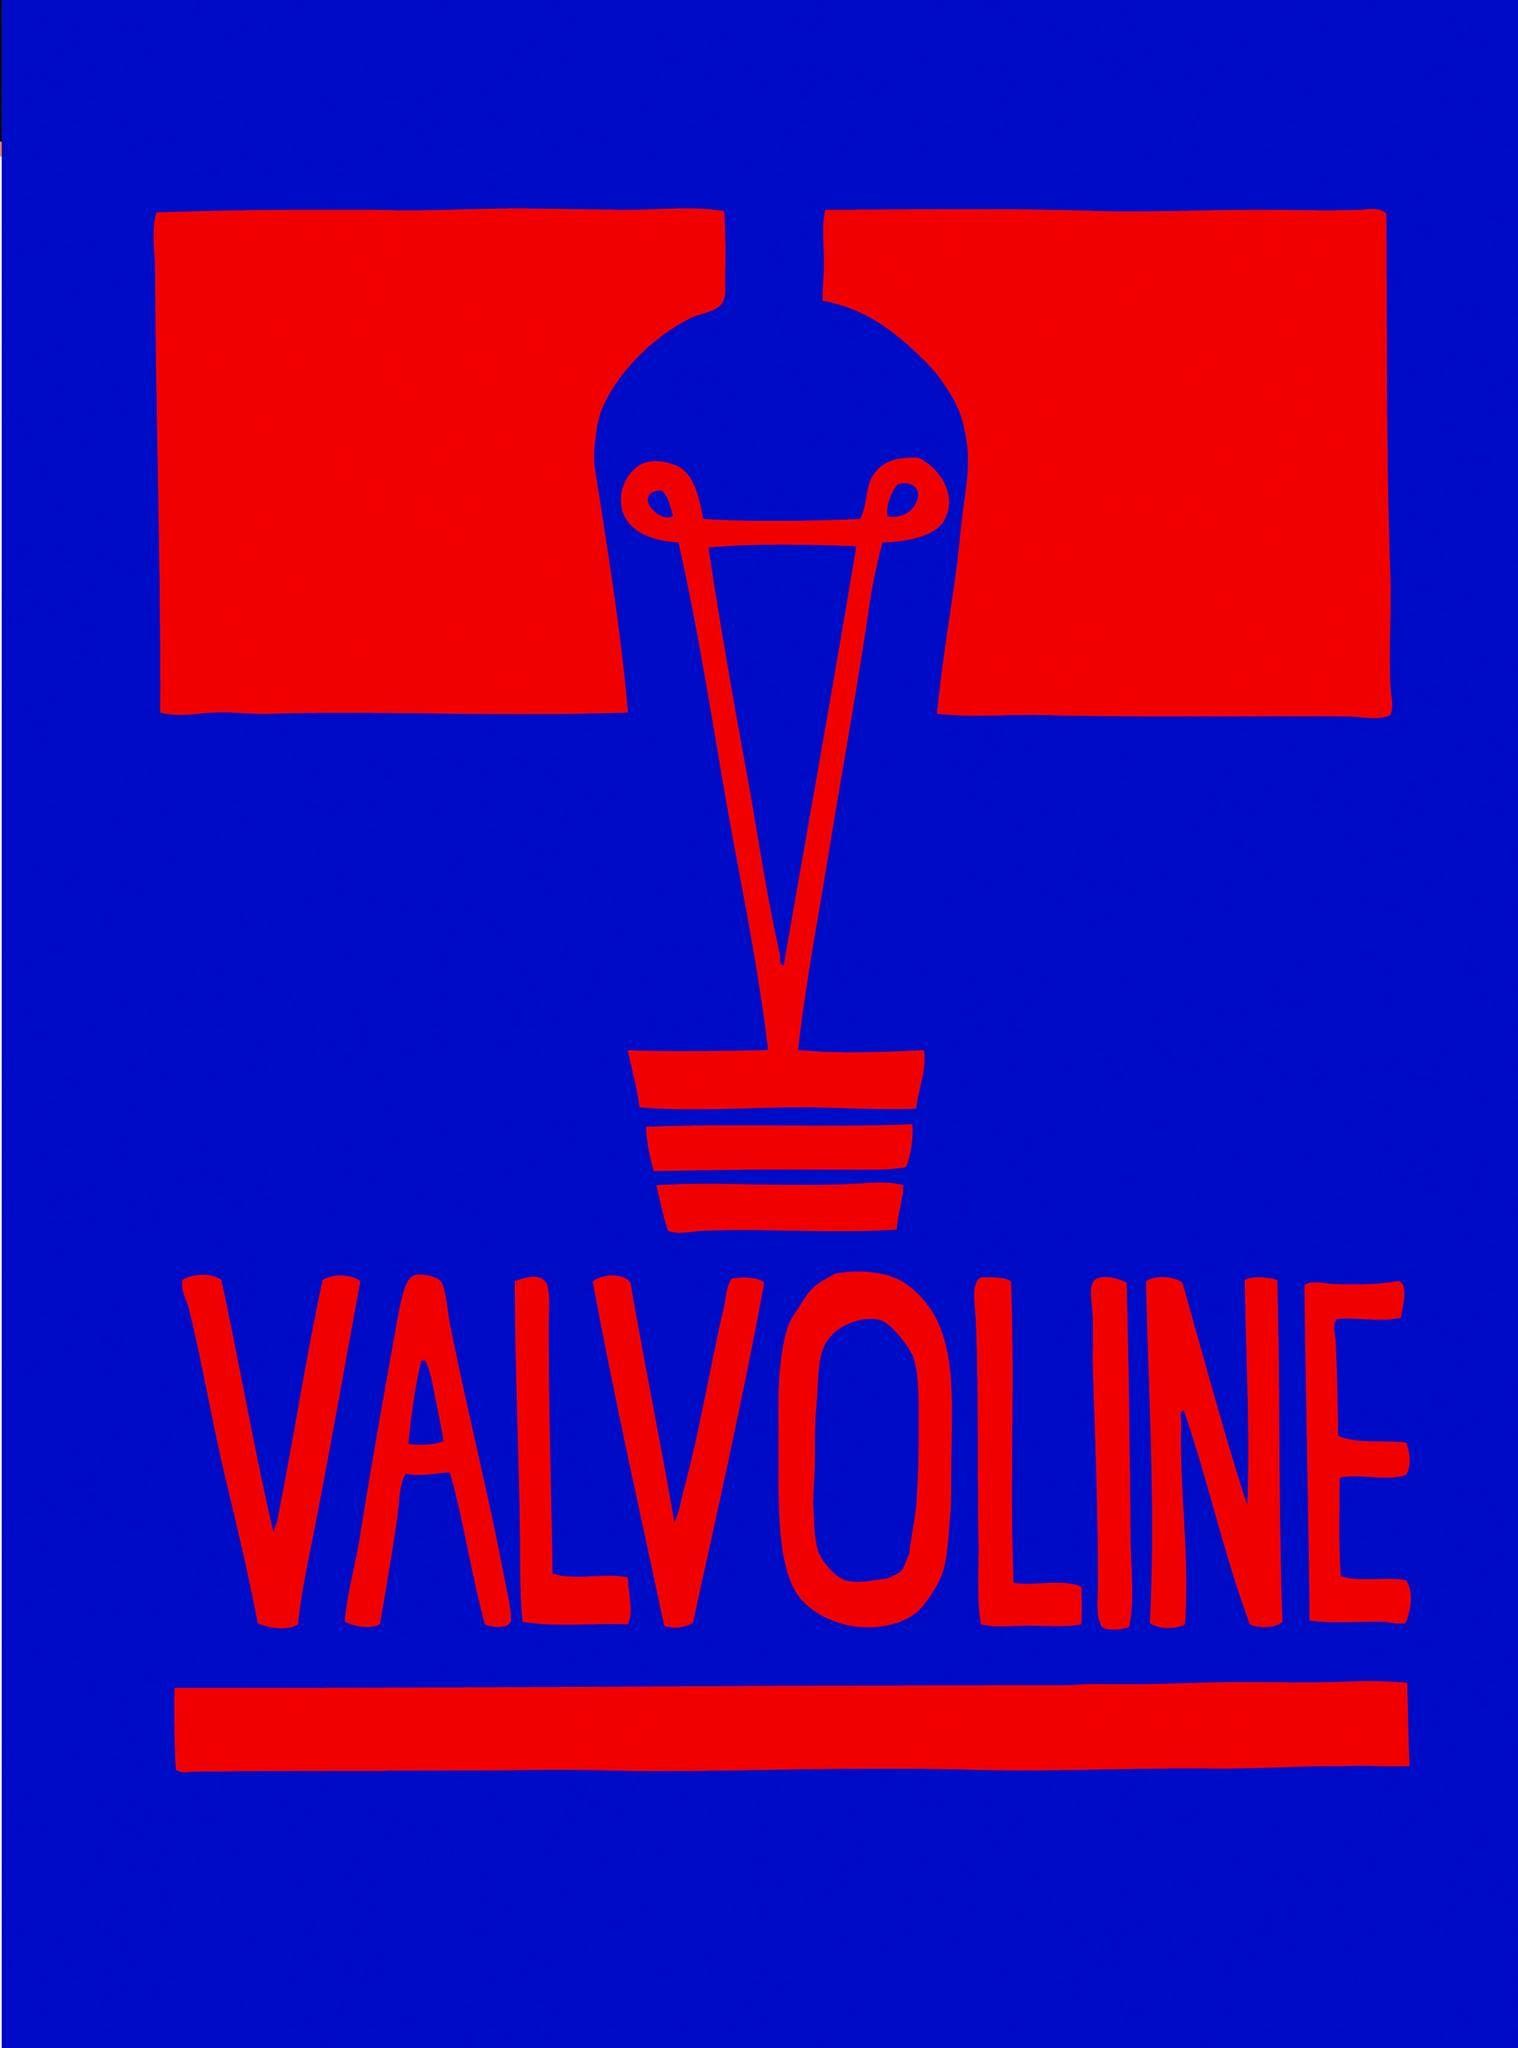 Valvoline - Logo